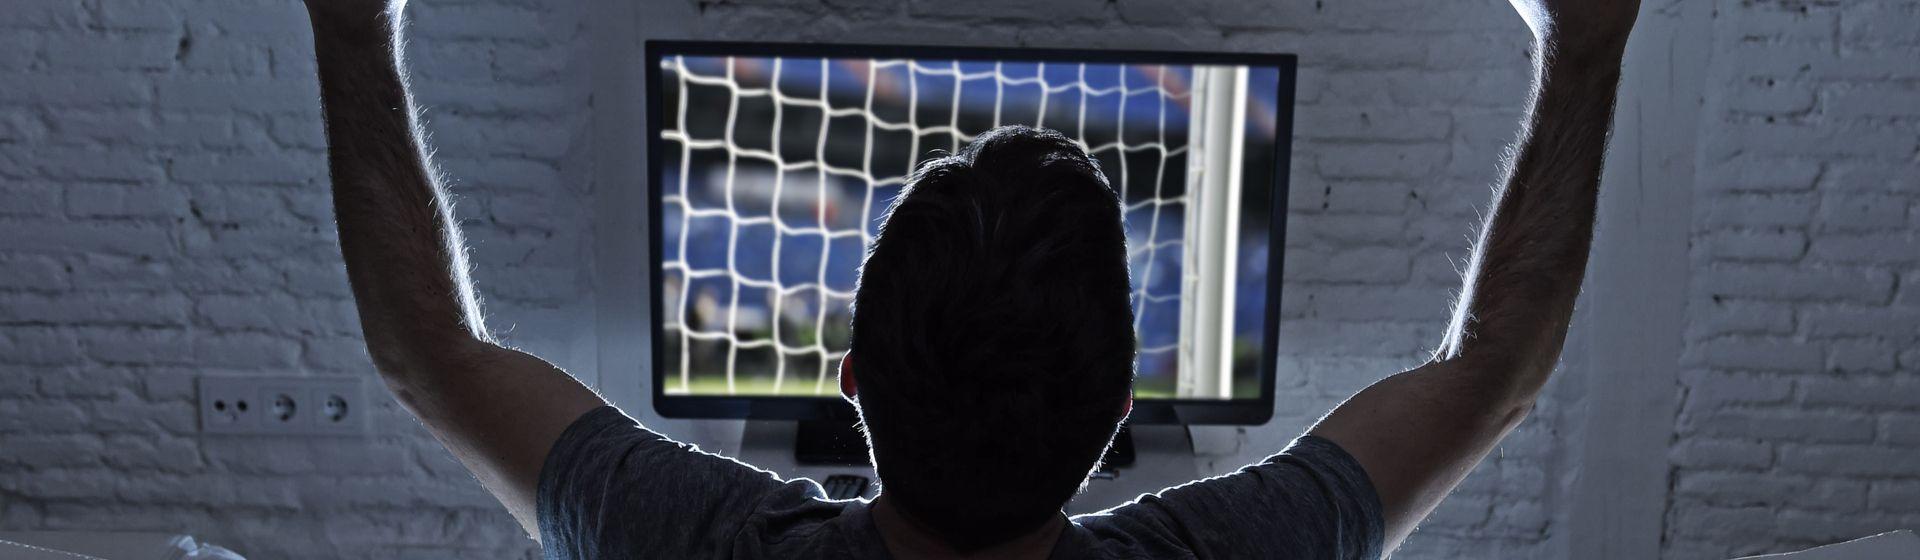 Como assistir Vasco TV ao vivo na TV: passo a passo para ver os jogos do Vasco na televisão